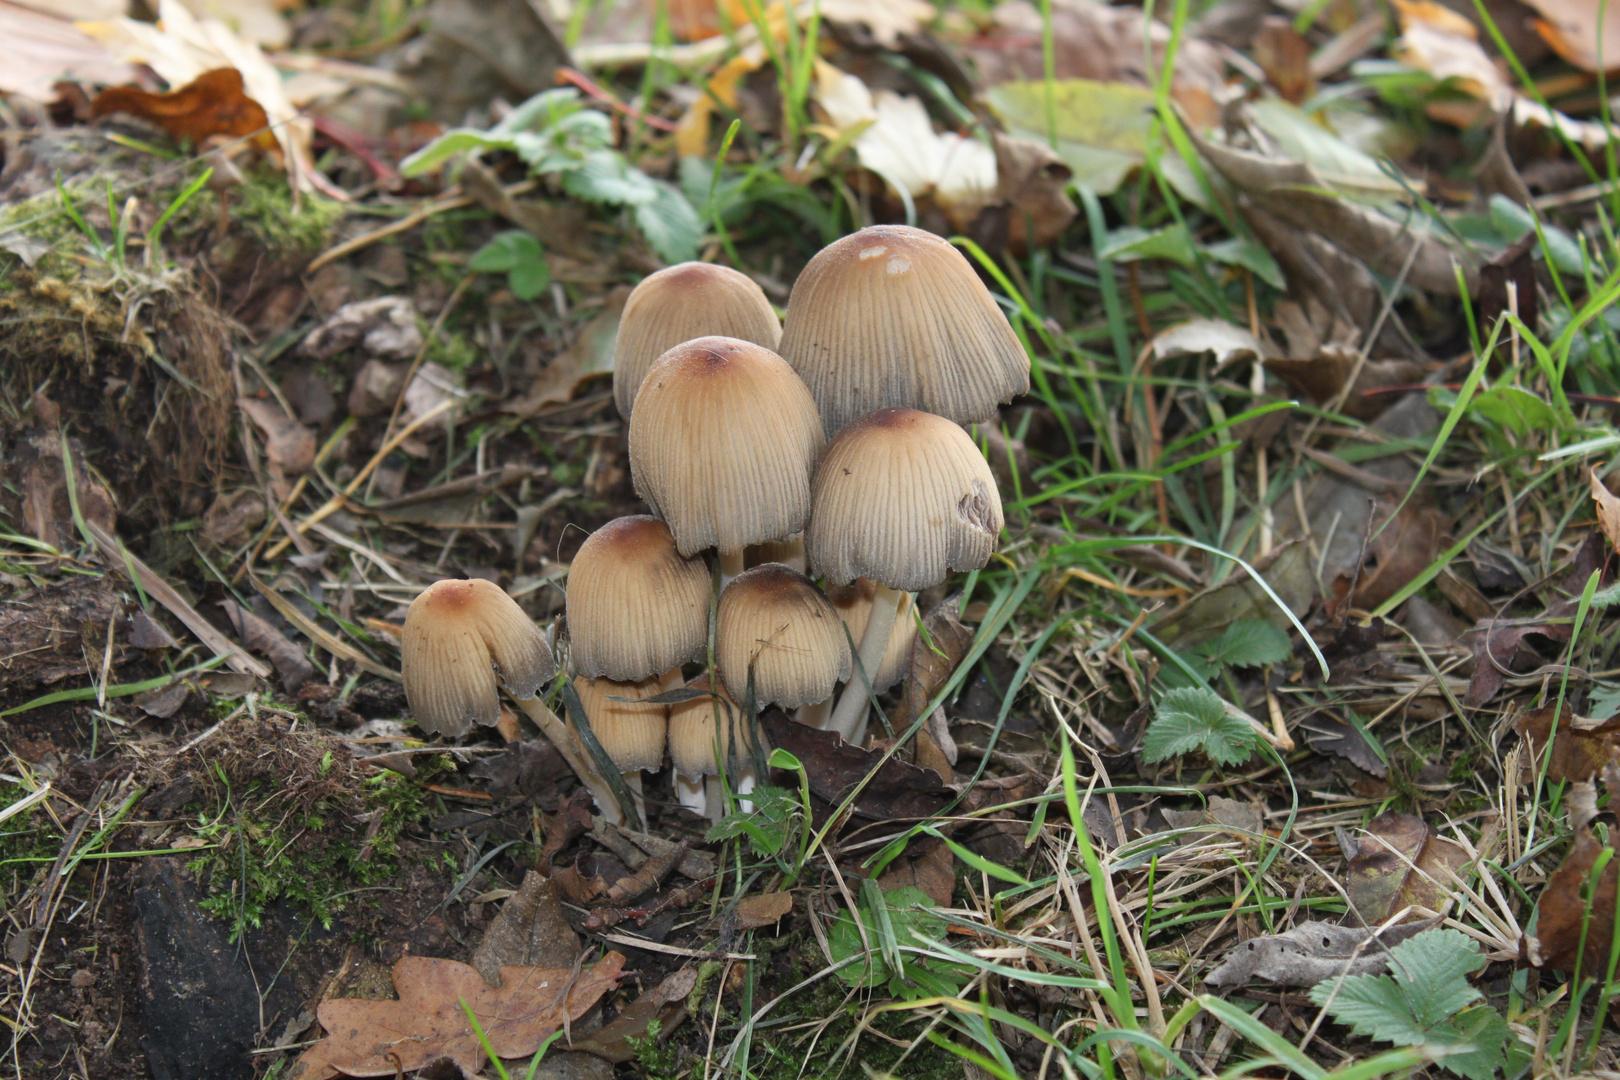 kann man die essen foto bild pflanzen pilze flechten pilze flechten natur bilder auf. Black Bedroom Furniture Sets. Home Design Ideas